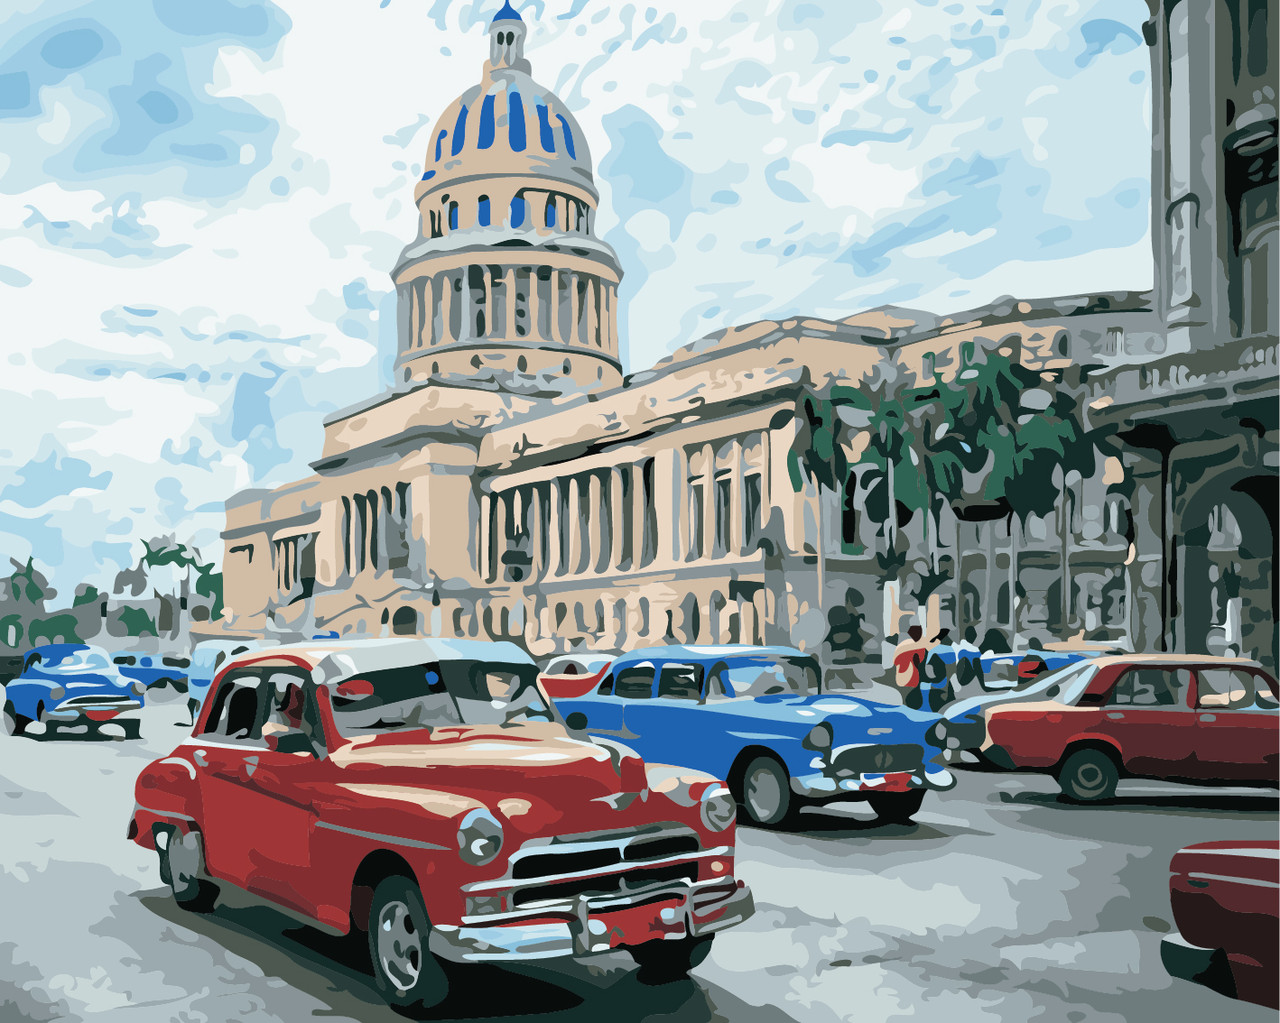 Художественный творческий набор, картина по номерам Яркая Куба, 50x40 см, «Art Story» (AS0859)